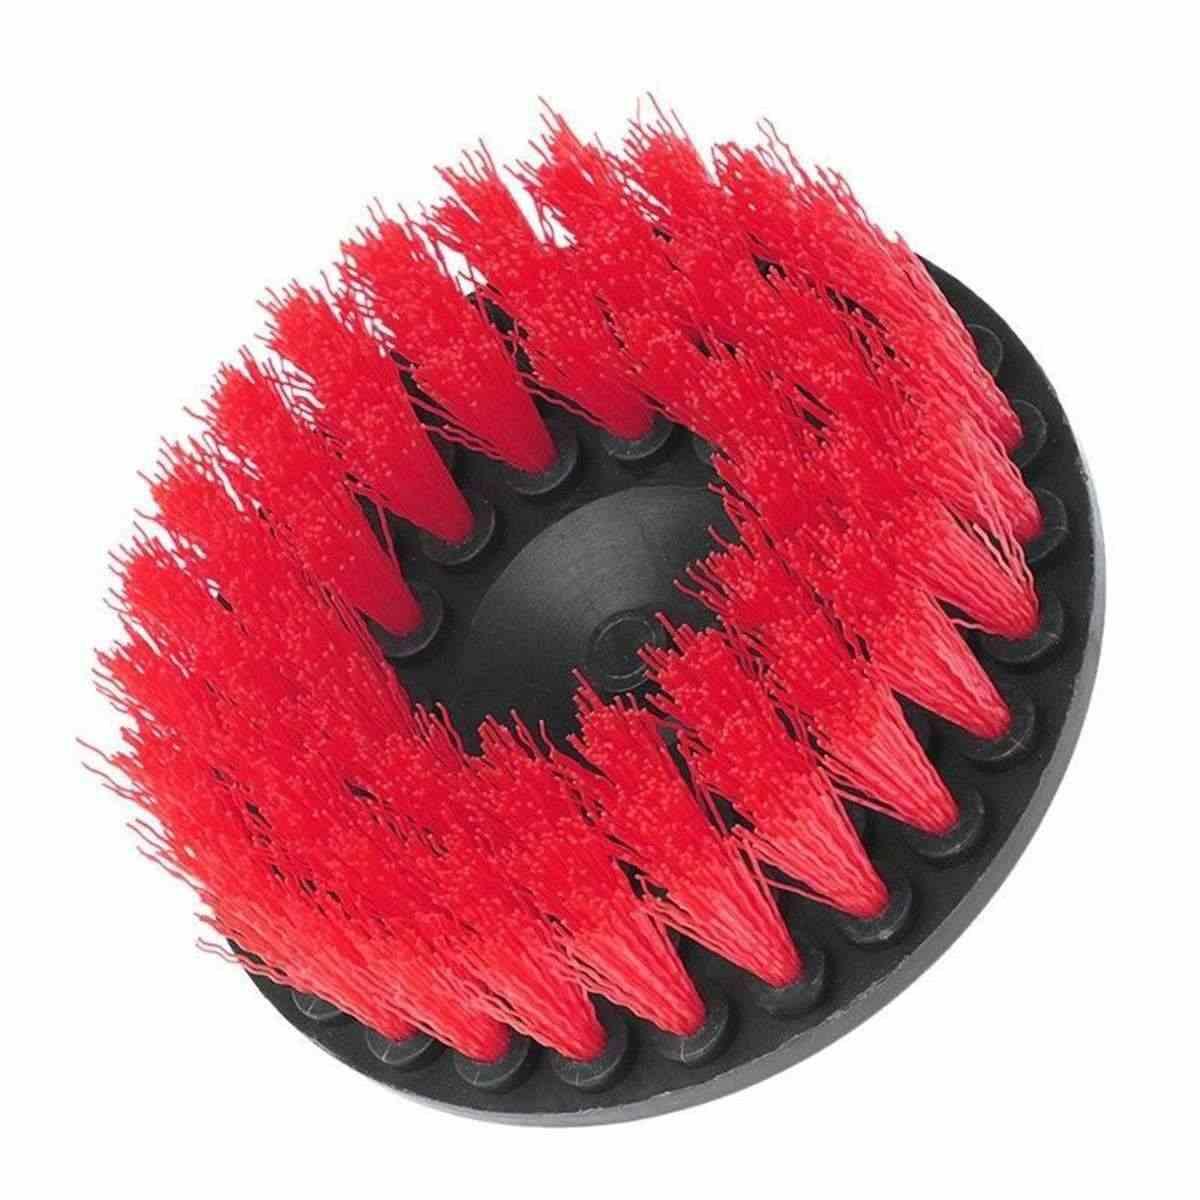 5 אינץ חשמלי תרגיל כוח לשפשף נקי מברשת ליטוש עבור עור פלסטיק עץ ריהוט פנים מכונית ניקוי כוח לשפשף